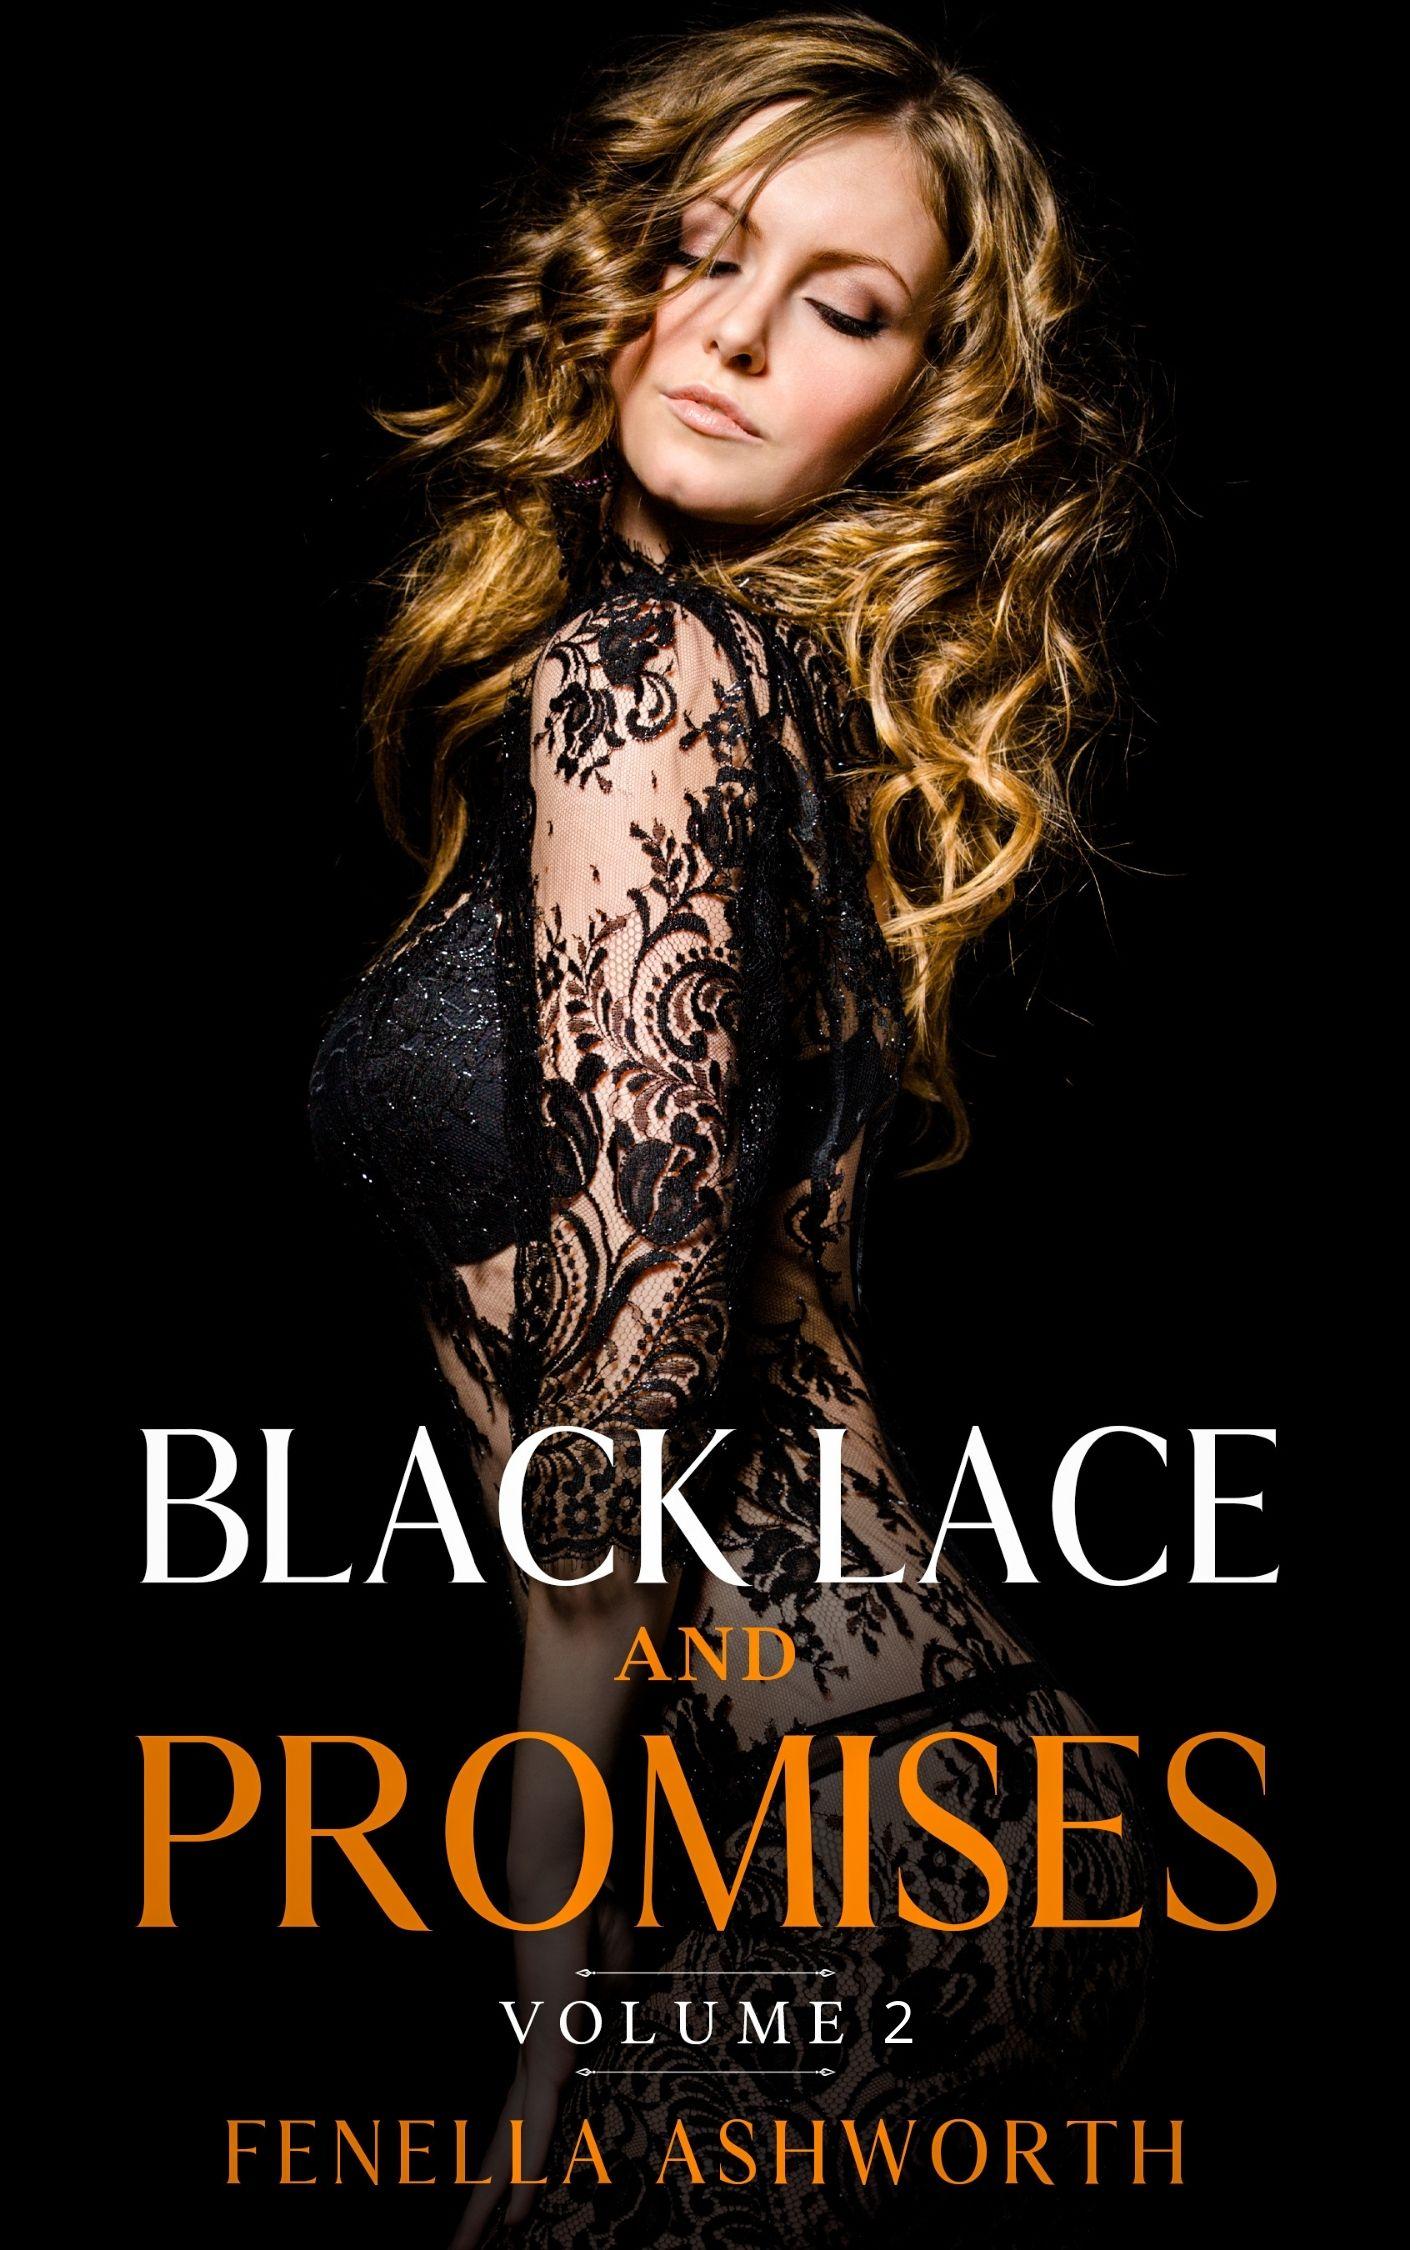 black-lace-vol-2